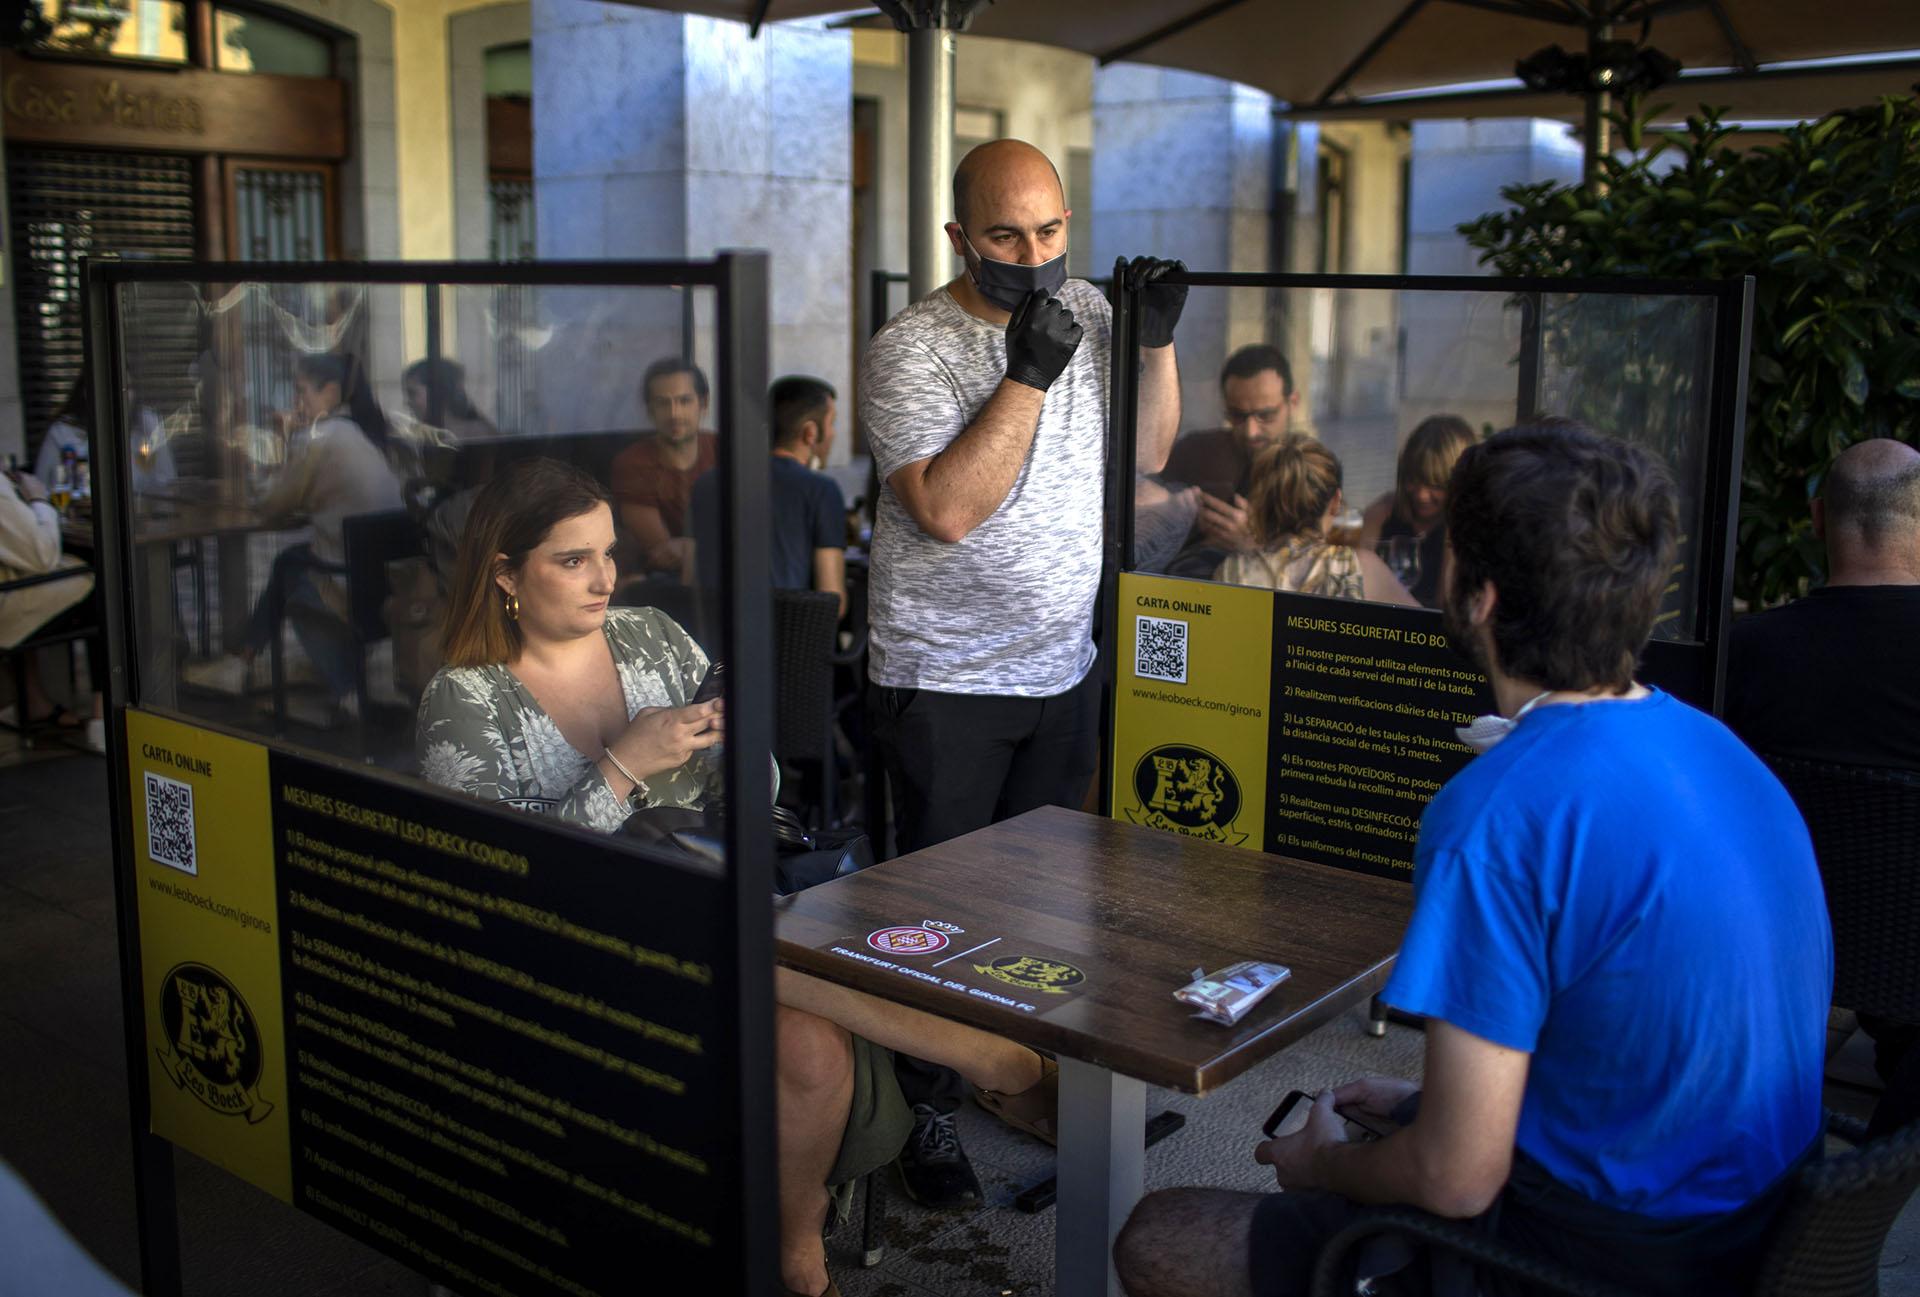 La terraza de un bar en Girona, Cataluña, España, que reabrió bajo las normas de la